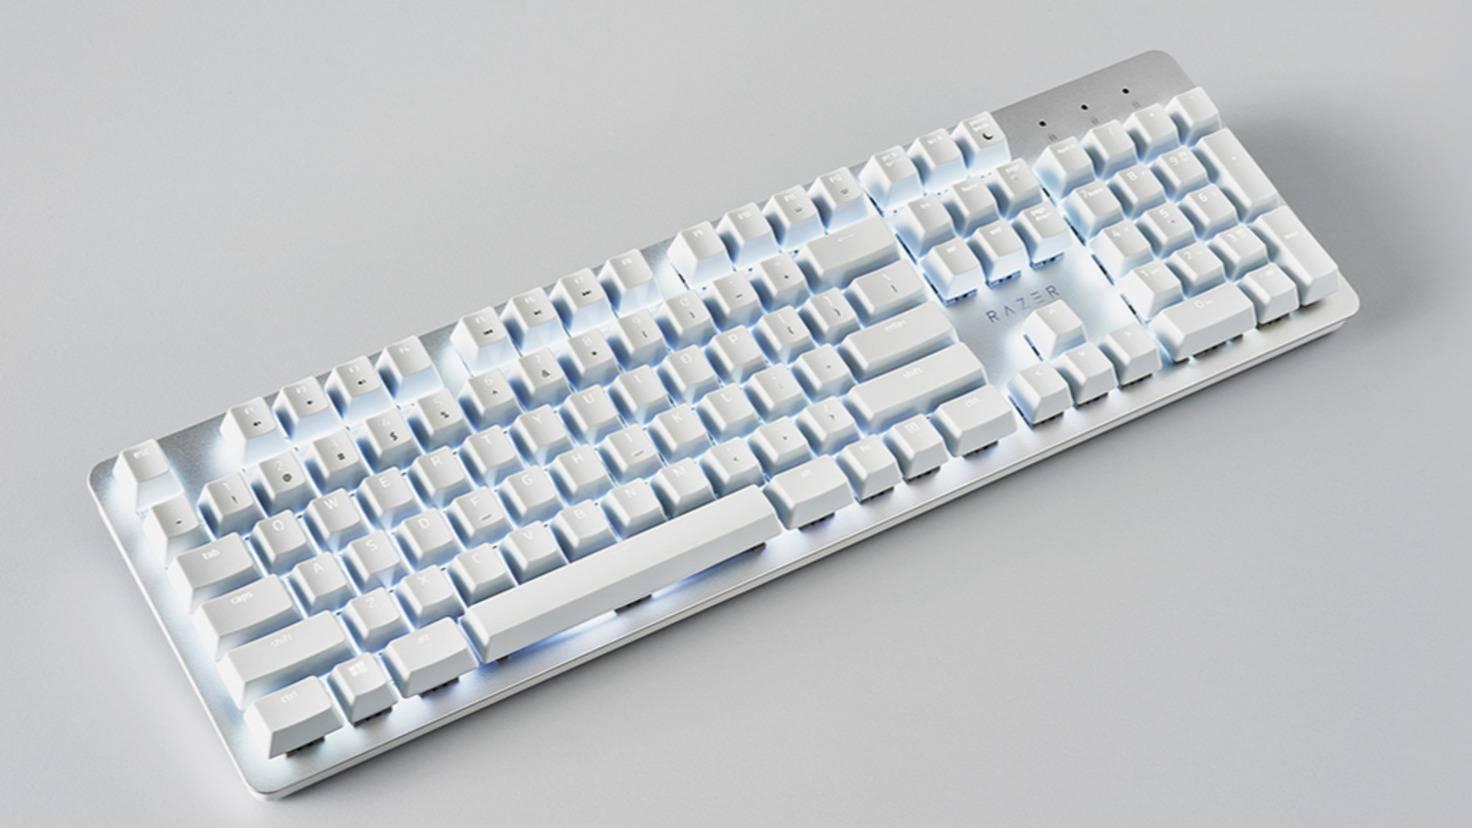 razer-pro-type-tastatur-office-2